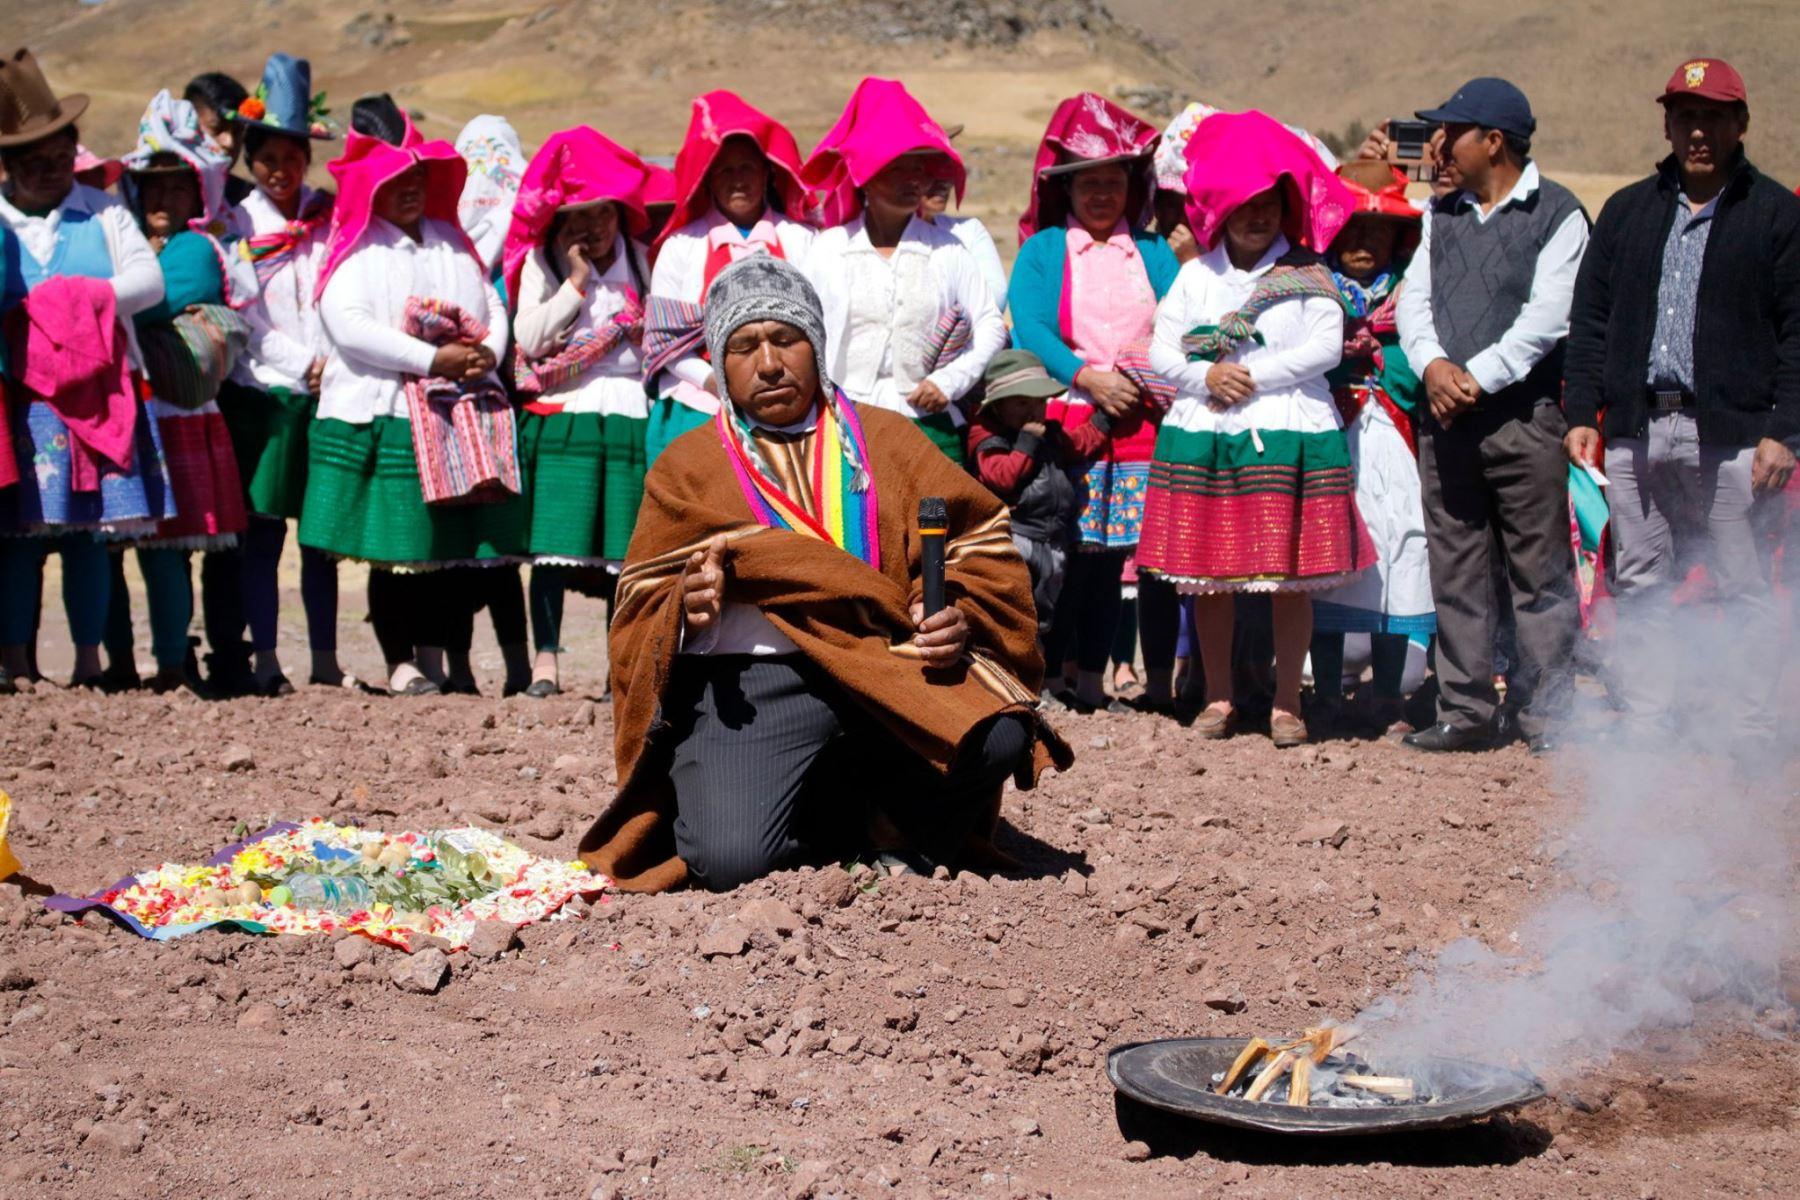 Comunidades de la región Áncash celebraron el Día del Campesino con ceremonias de pago a la tierra. Foto: ANDINA/Gonzalo Horna